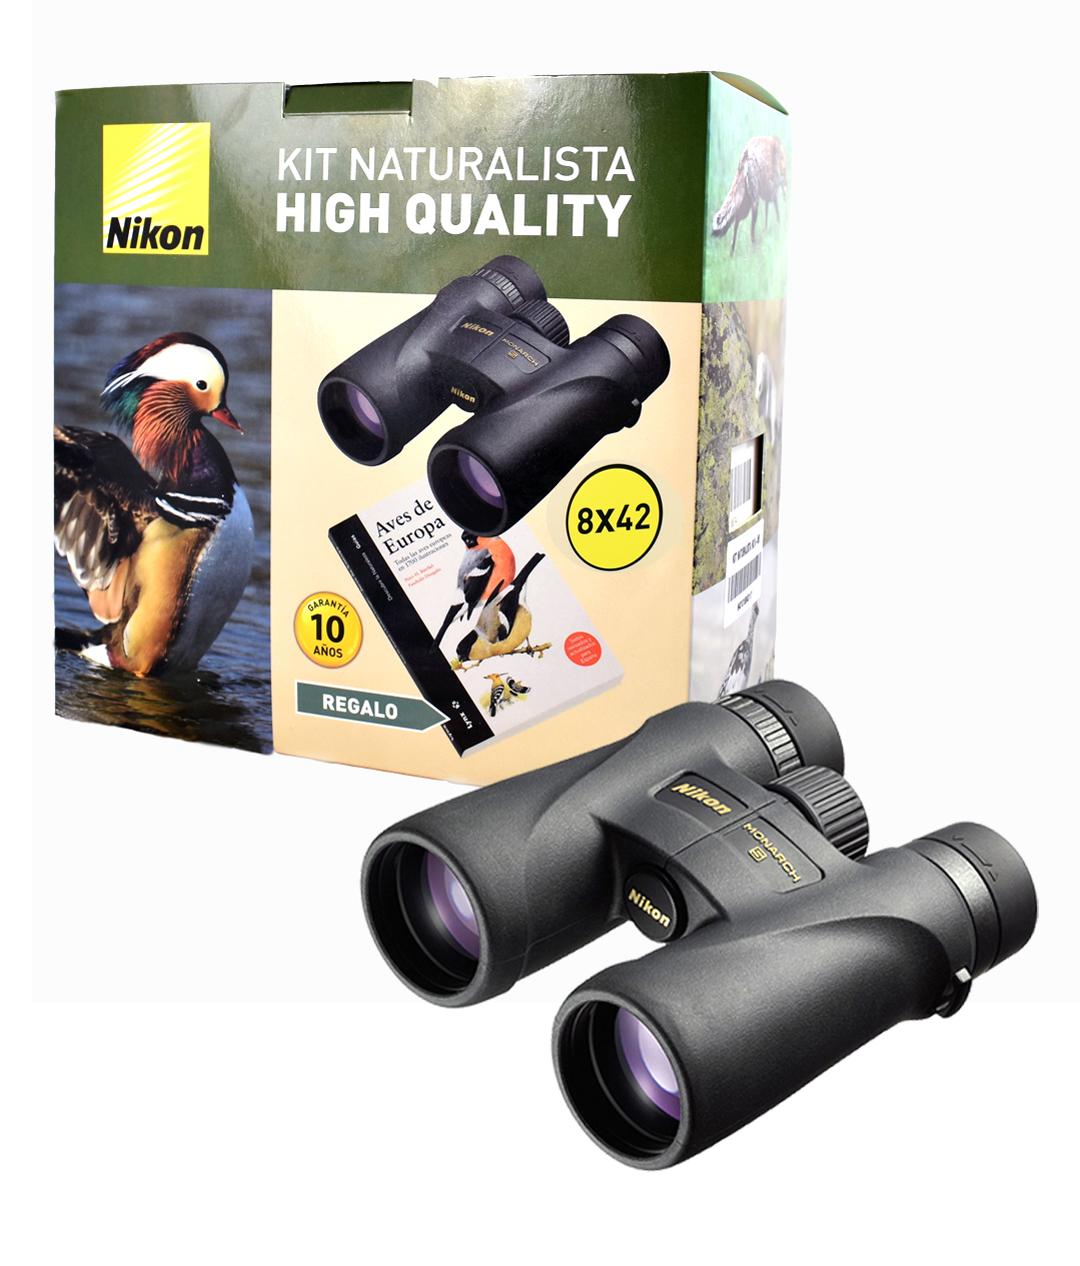 Kit Naturalista HQ 1 Binóculos Nikon MONARCH 5 8x42